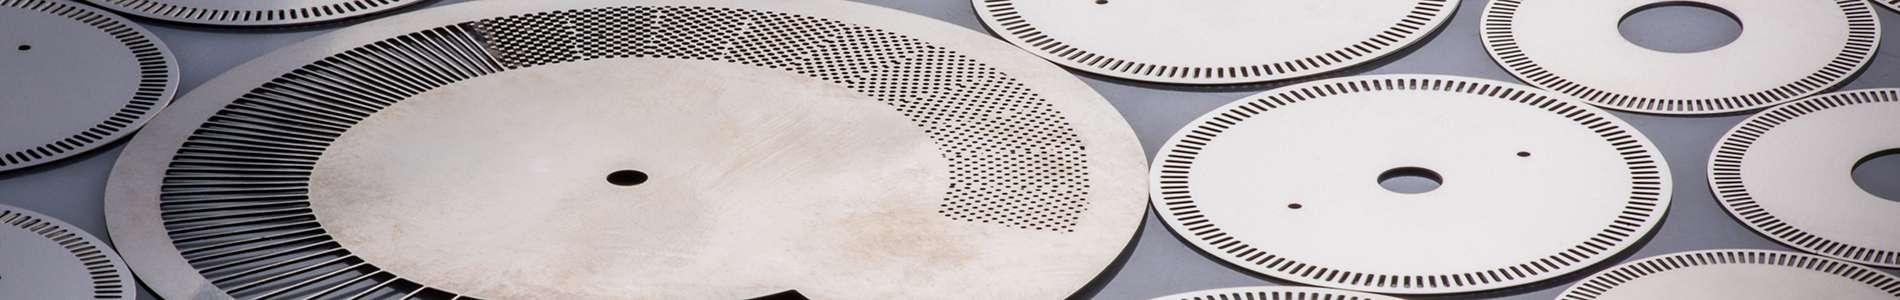 Encoder Discs and Actuators